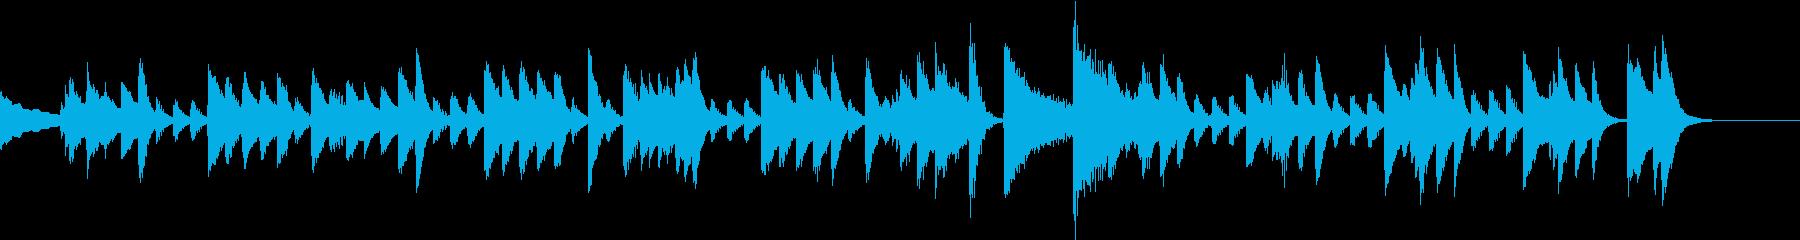 クリスマスおめでとうピアノジングルCの再生済みの波形